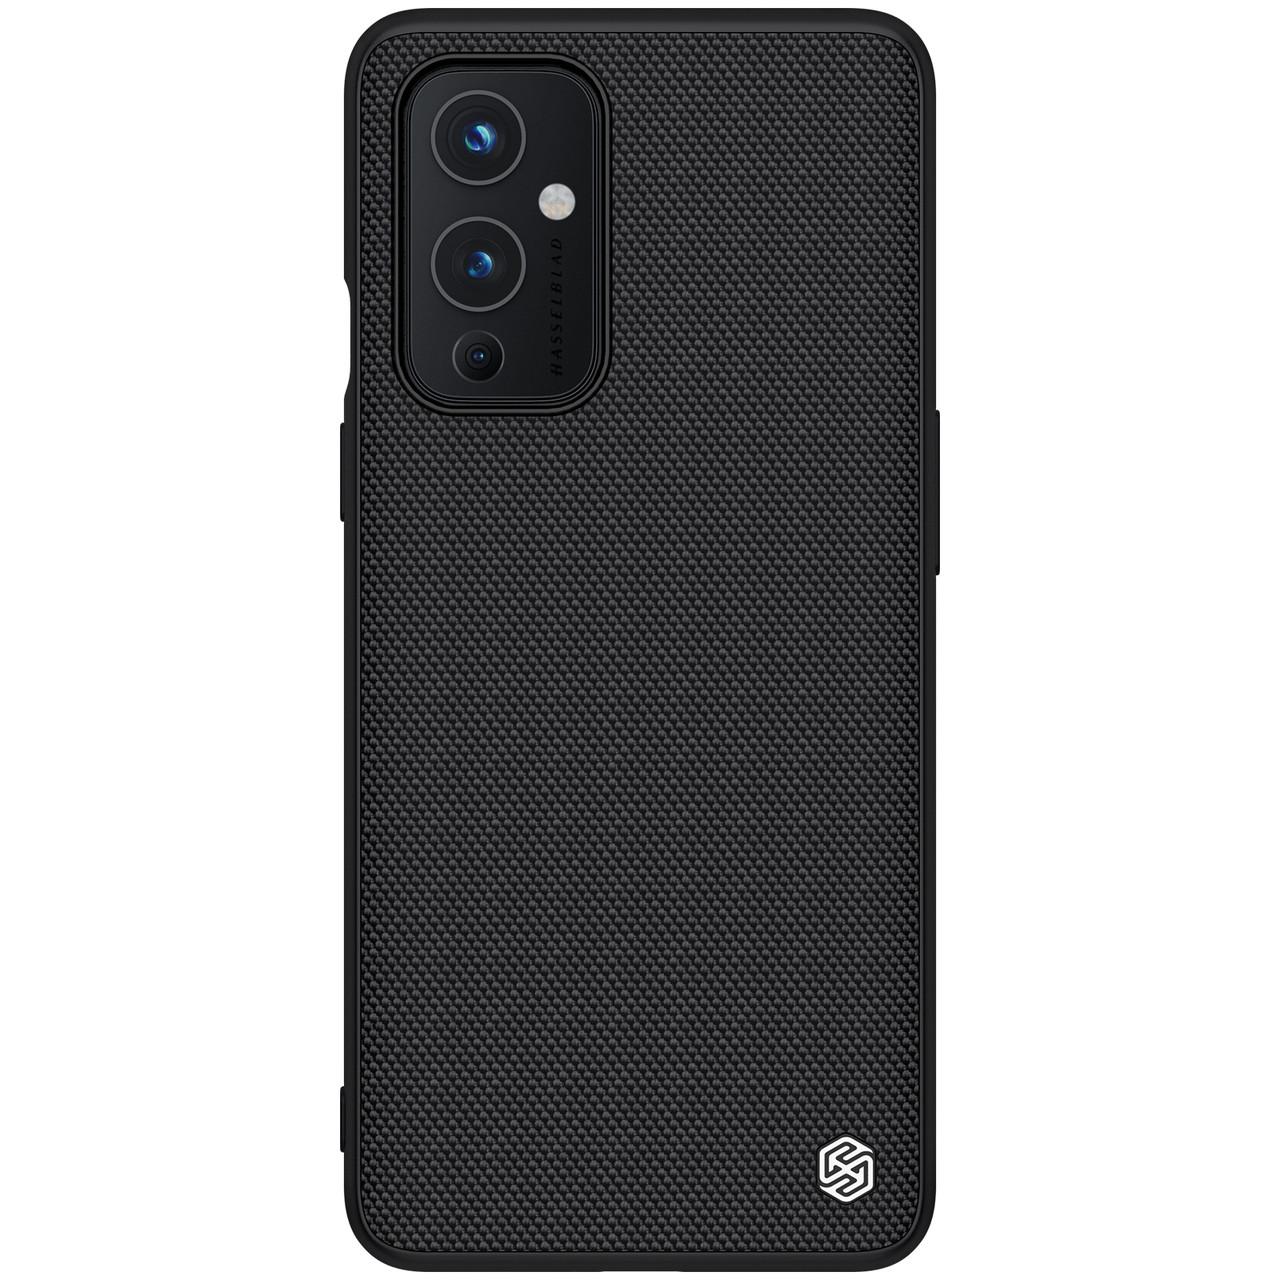 Защитный чехол Nillkin для OnePlus 9 (EU/NA) (Textured Case) Black Черный